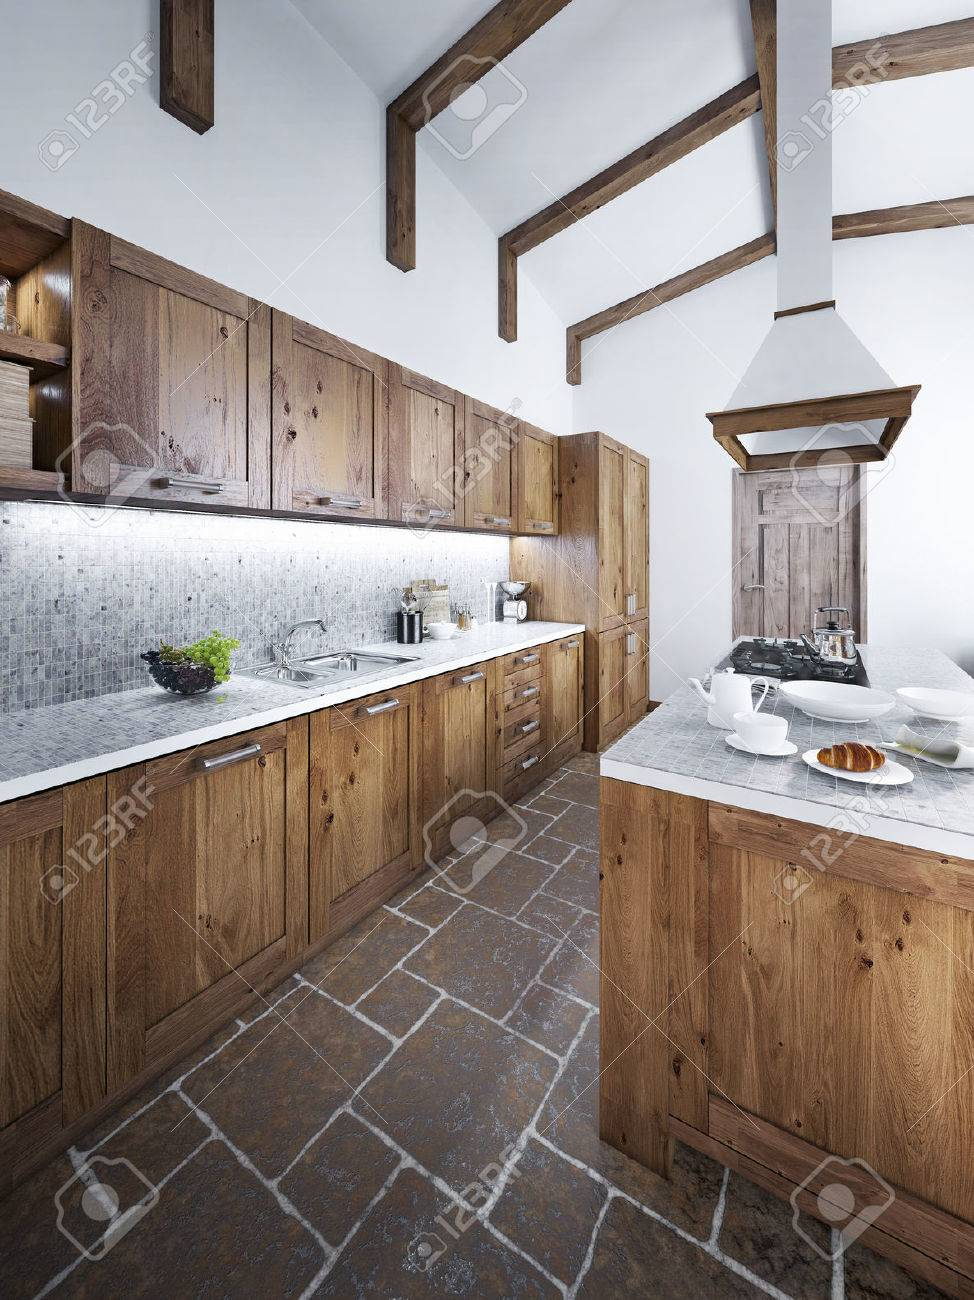 Große Schöne Küche In Einem Rustikalen Stil Mit Einer Insel Und An ...